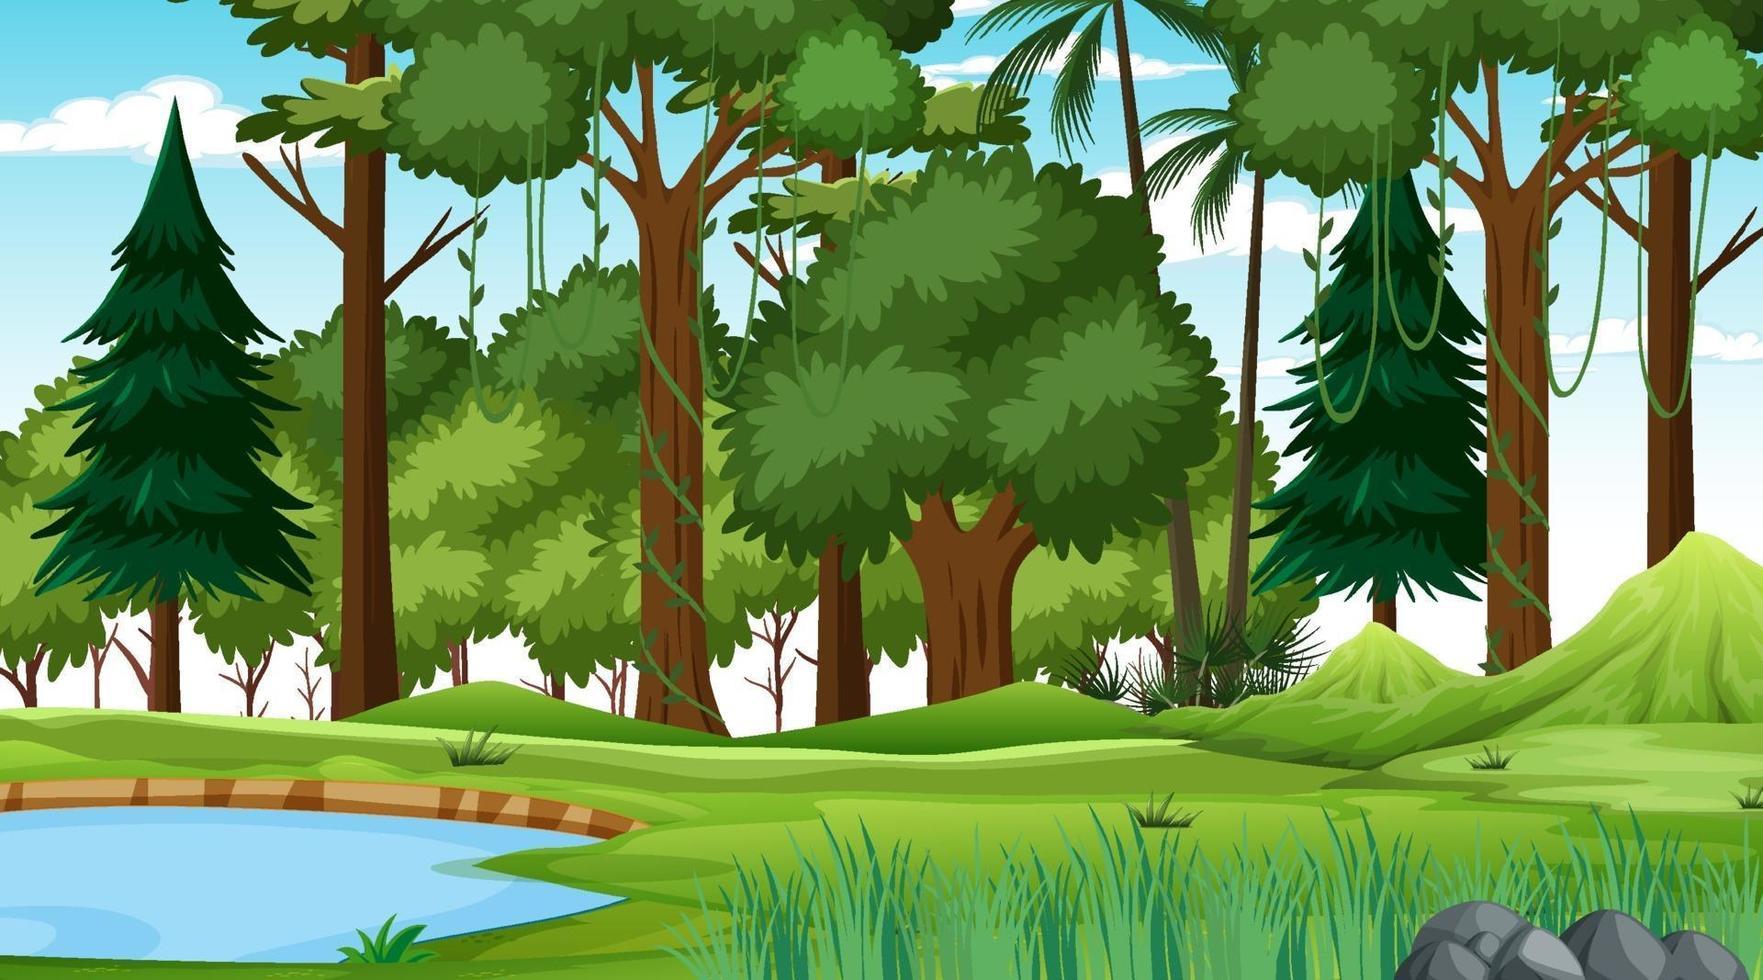 skog natur scen med damm och många träd på dagtid vektor